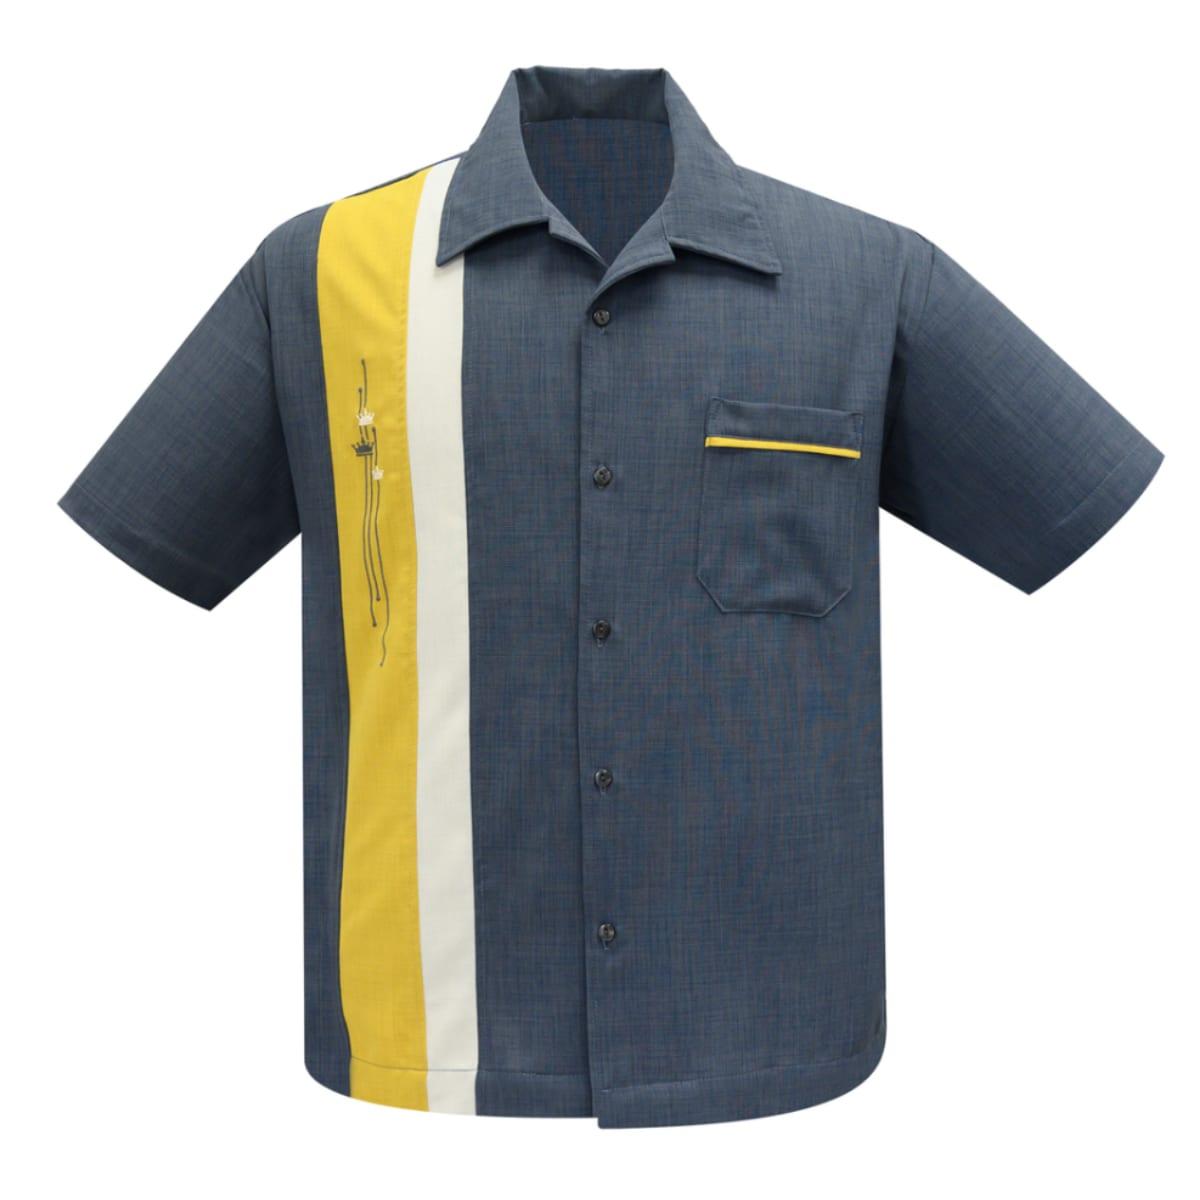 STEADY Arthur 50-tals mörkgrå skjorta bowling-skjortor